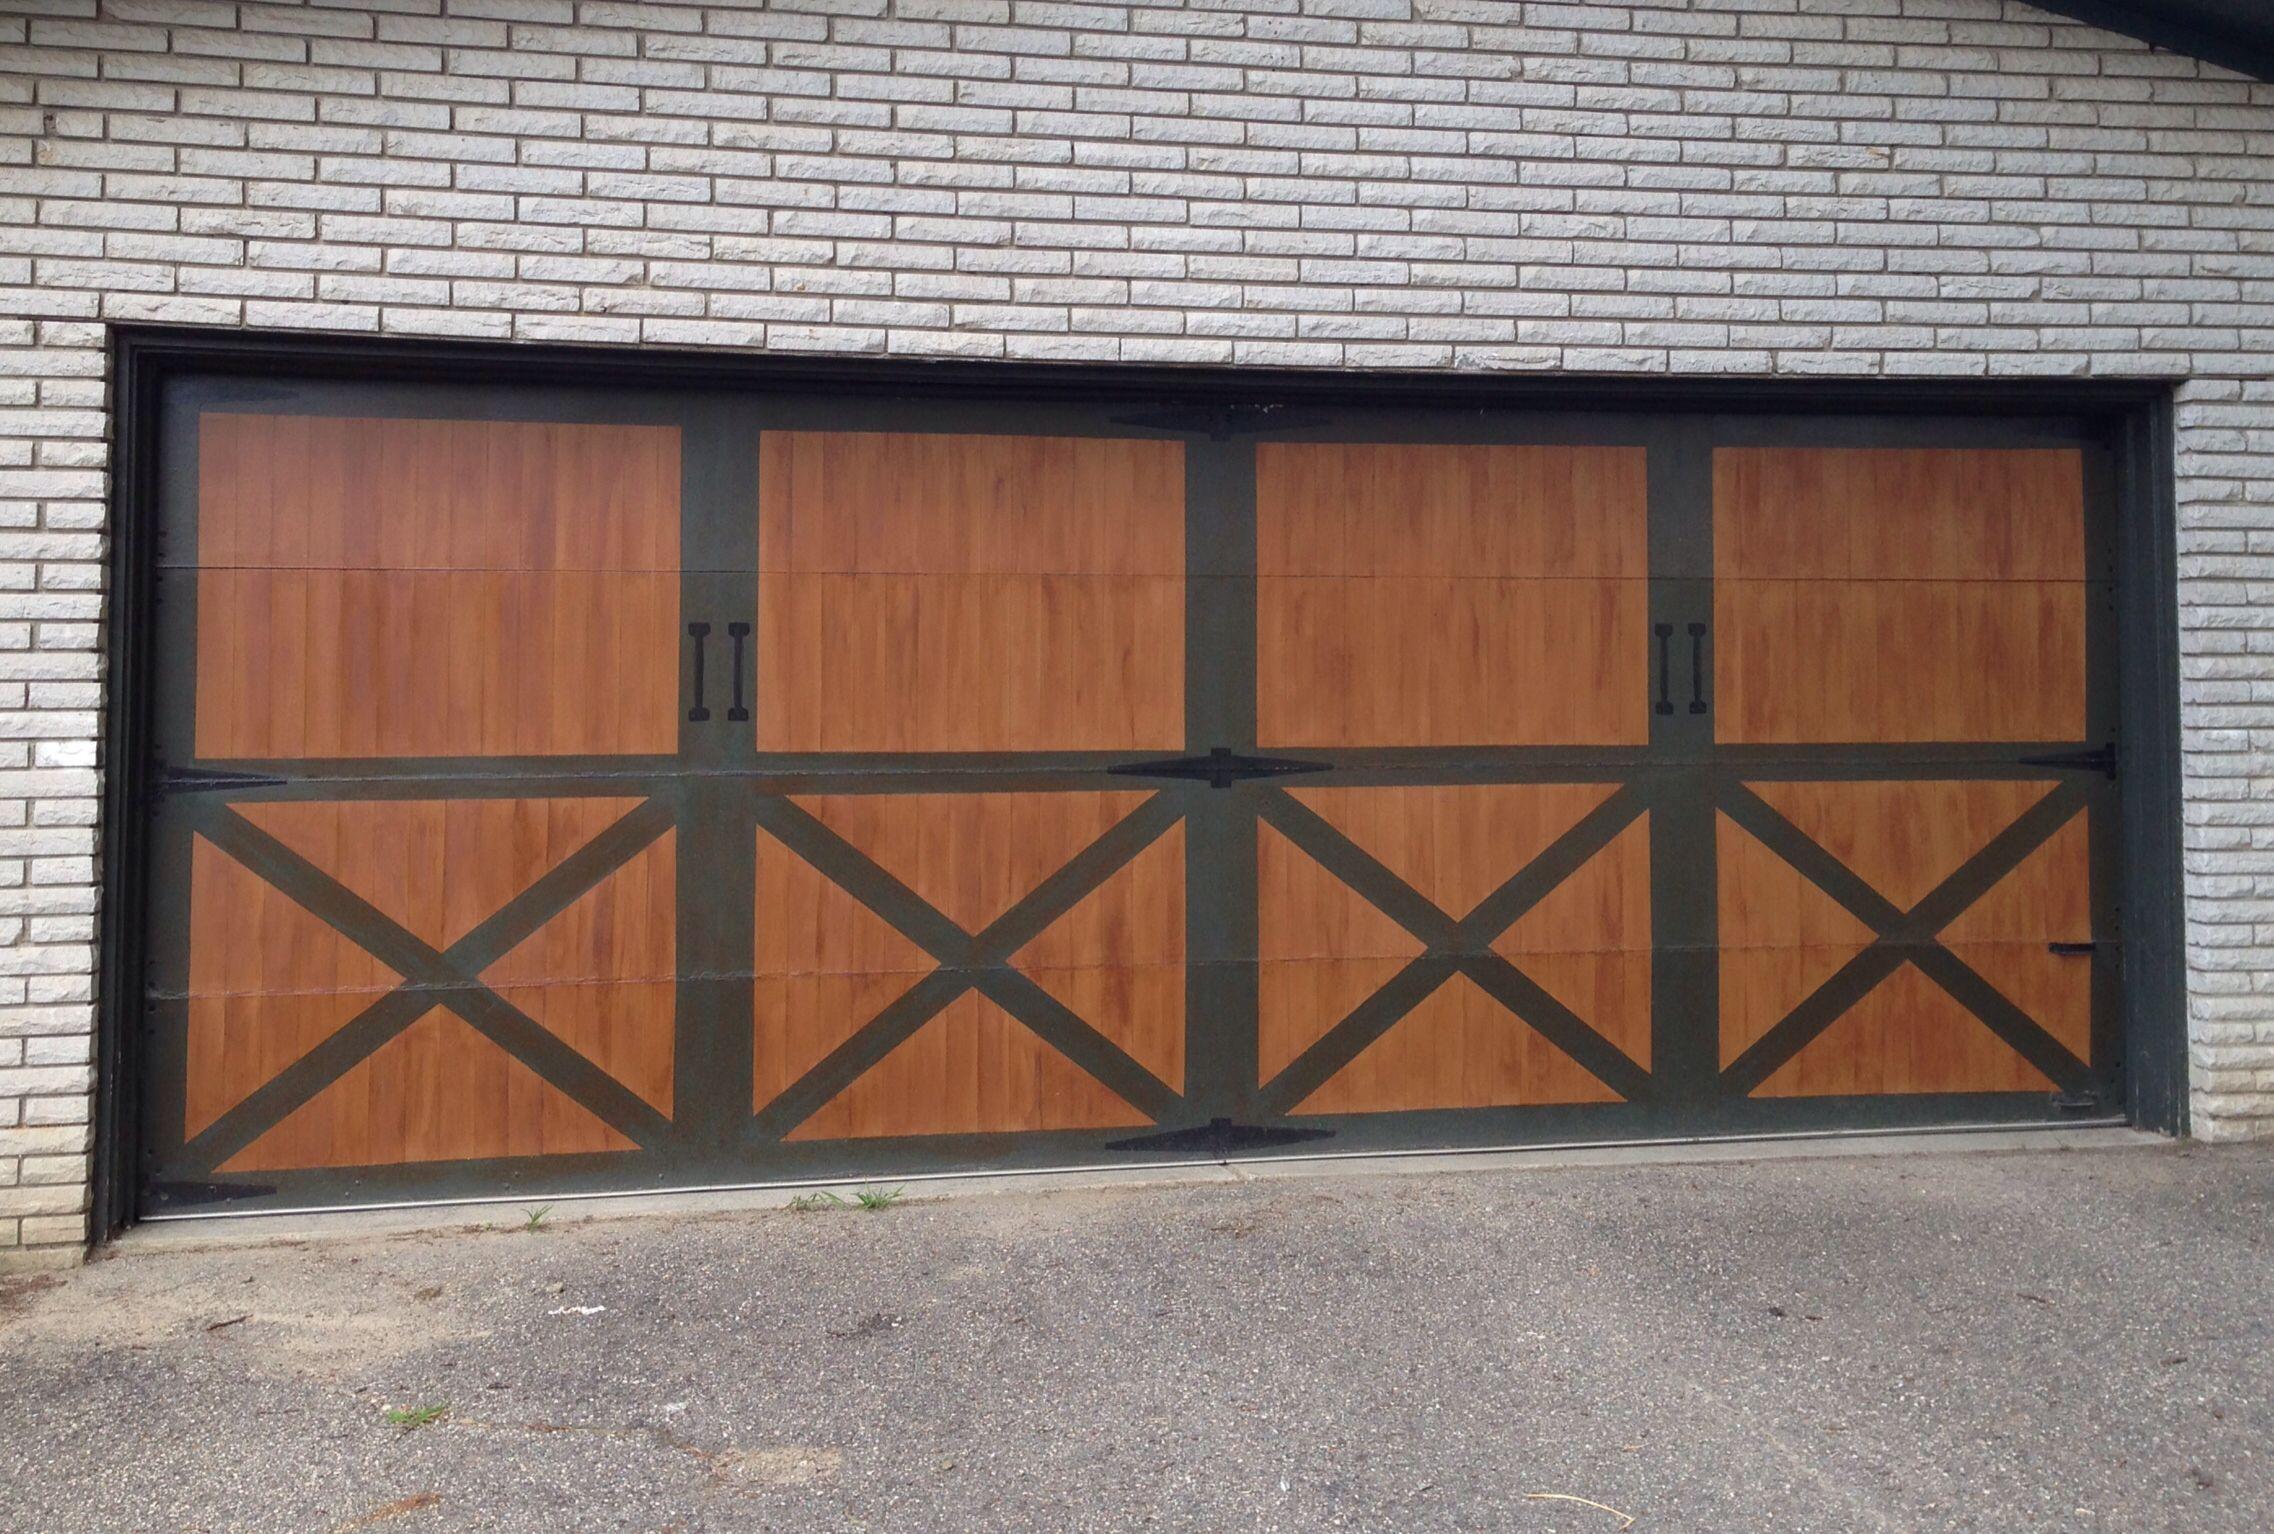 DIY Faux barn doors for garage door part 2. After painting